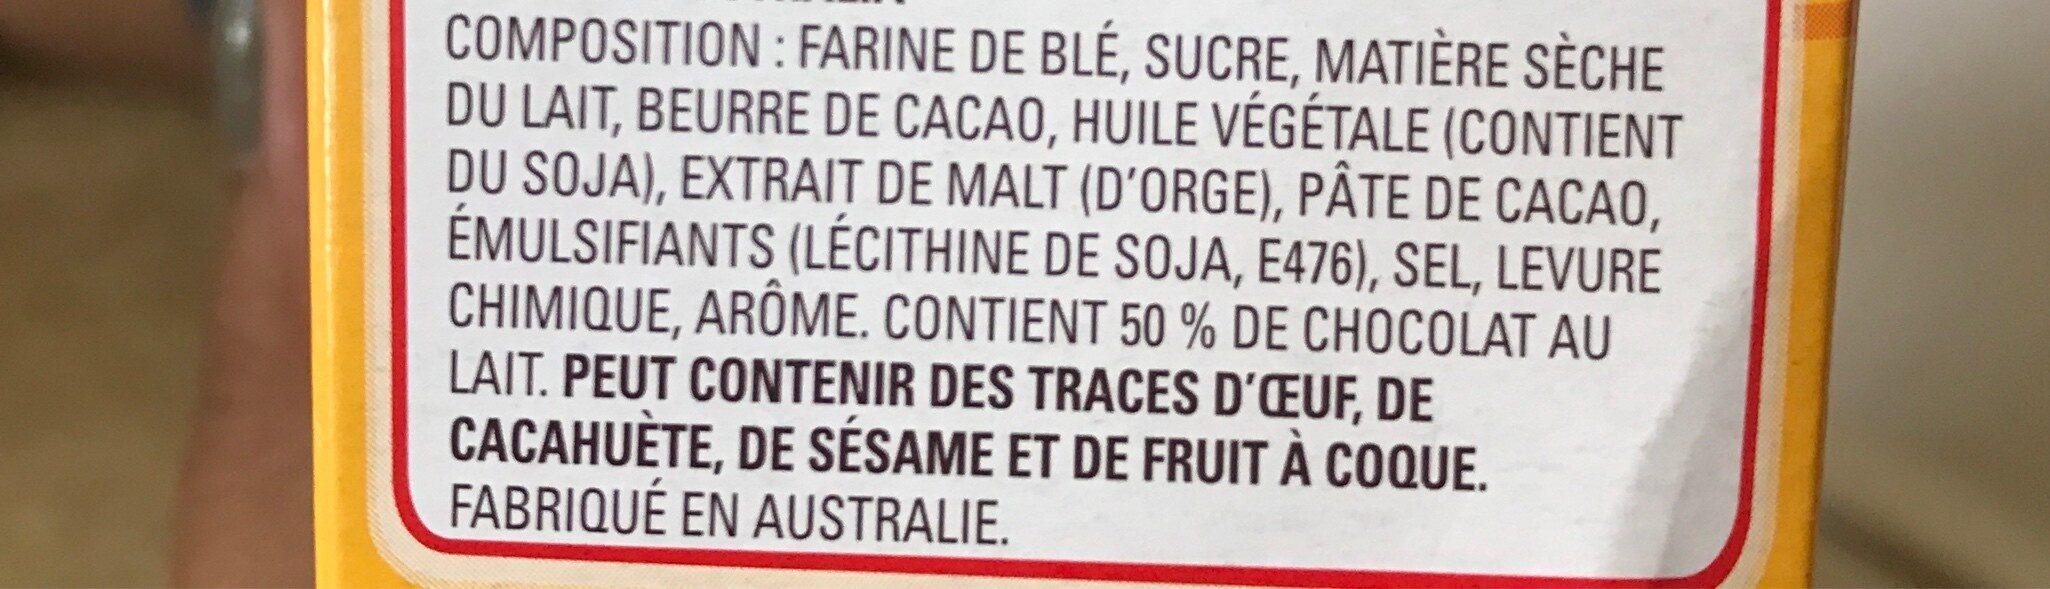 Biscuits Chocolate Teevee Malt Sticks - Ingredients - fr